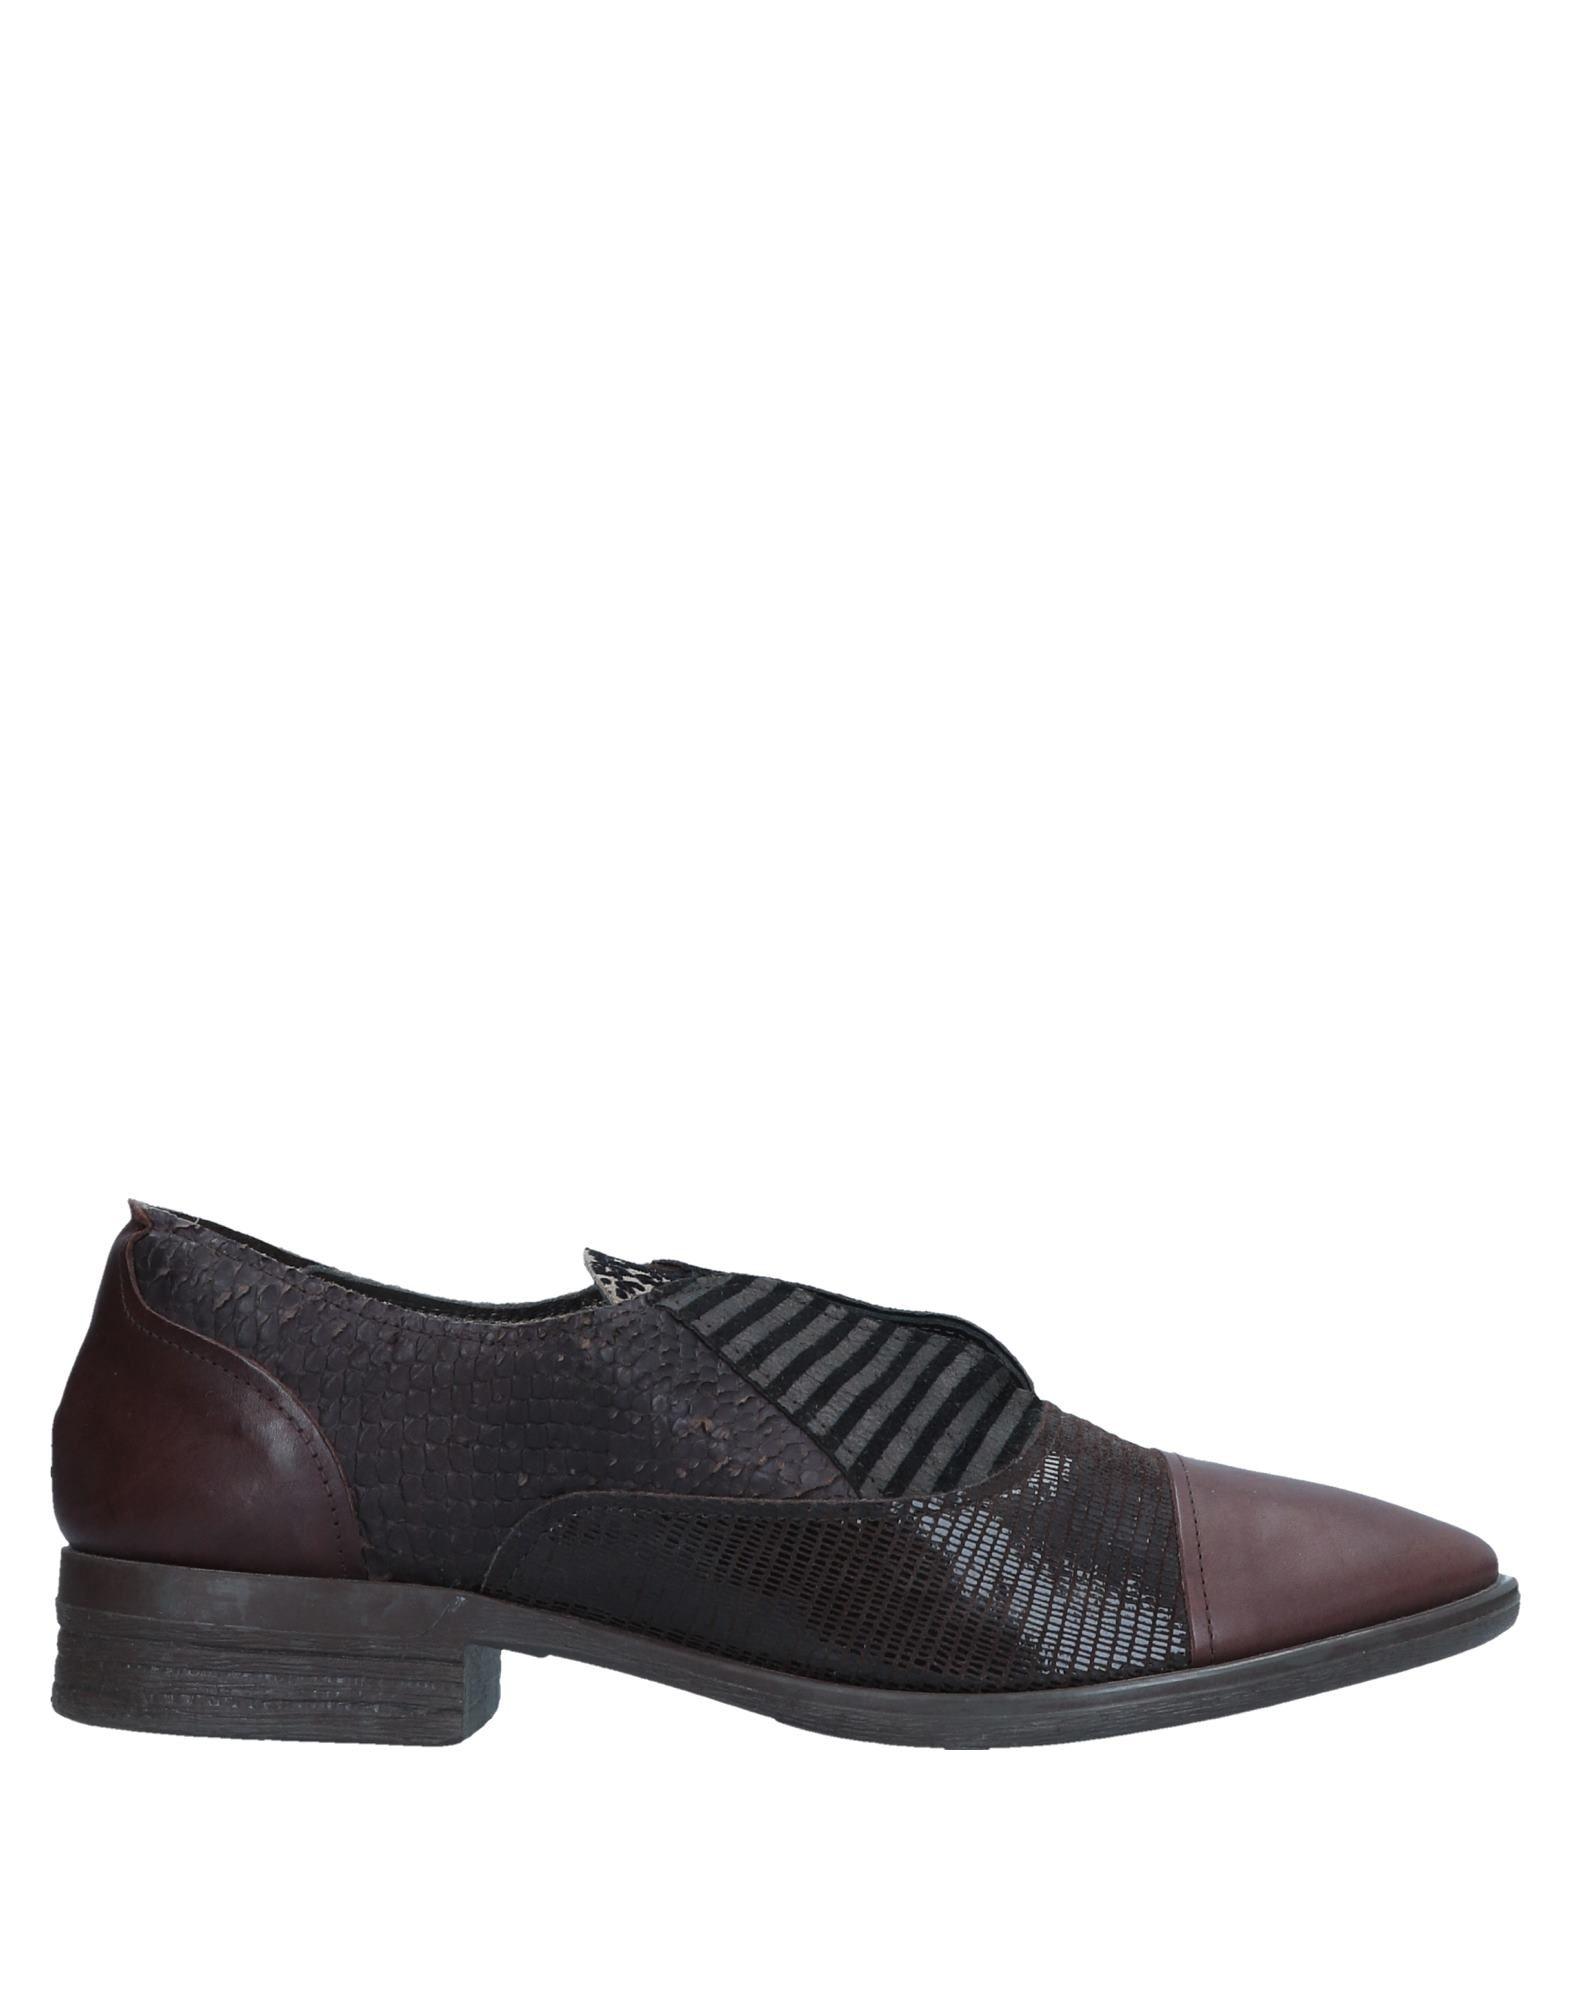 Ebarrito Gute Mokassins Damen  11551817HJ Gute Ebarrito Qualität beliebte Schuhe 2dd82a